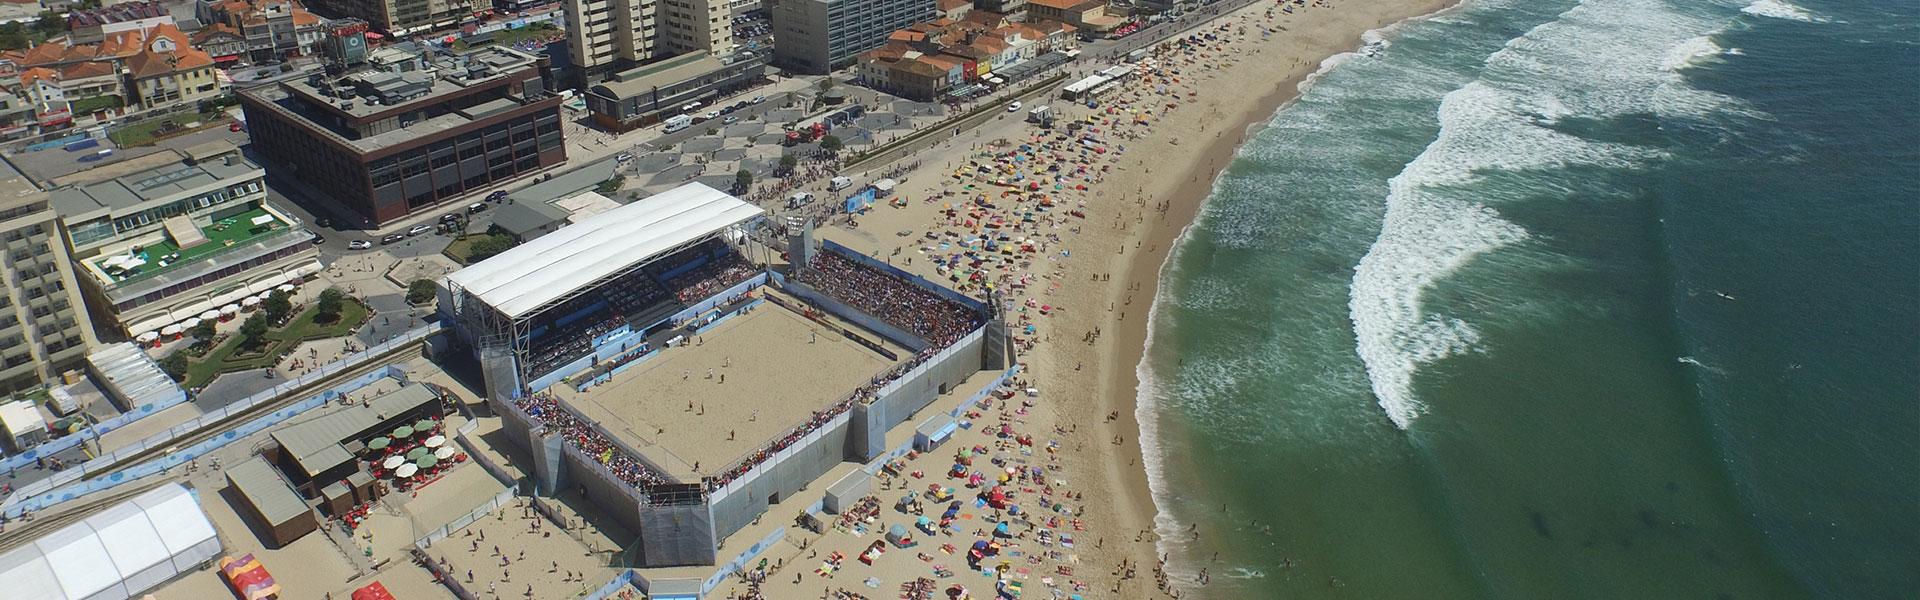 Porto Canal - Mundial de Futebol de Praia 2015